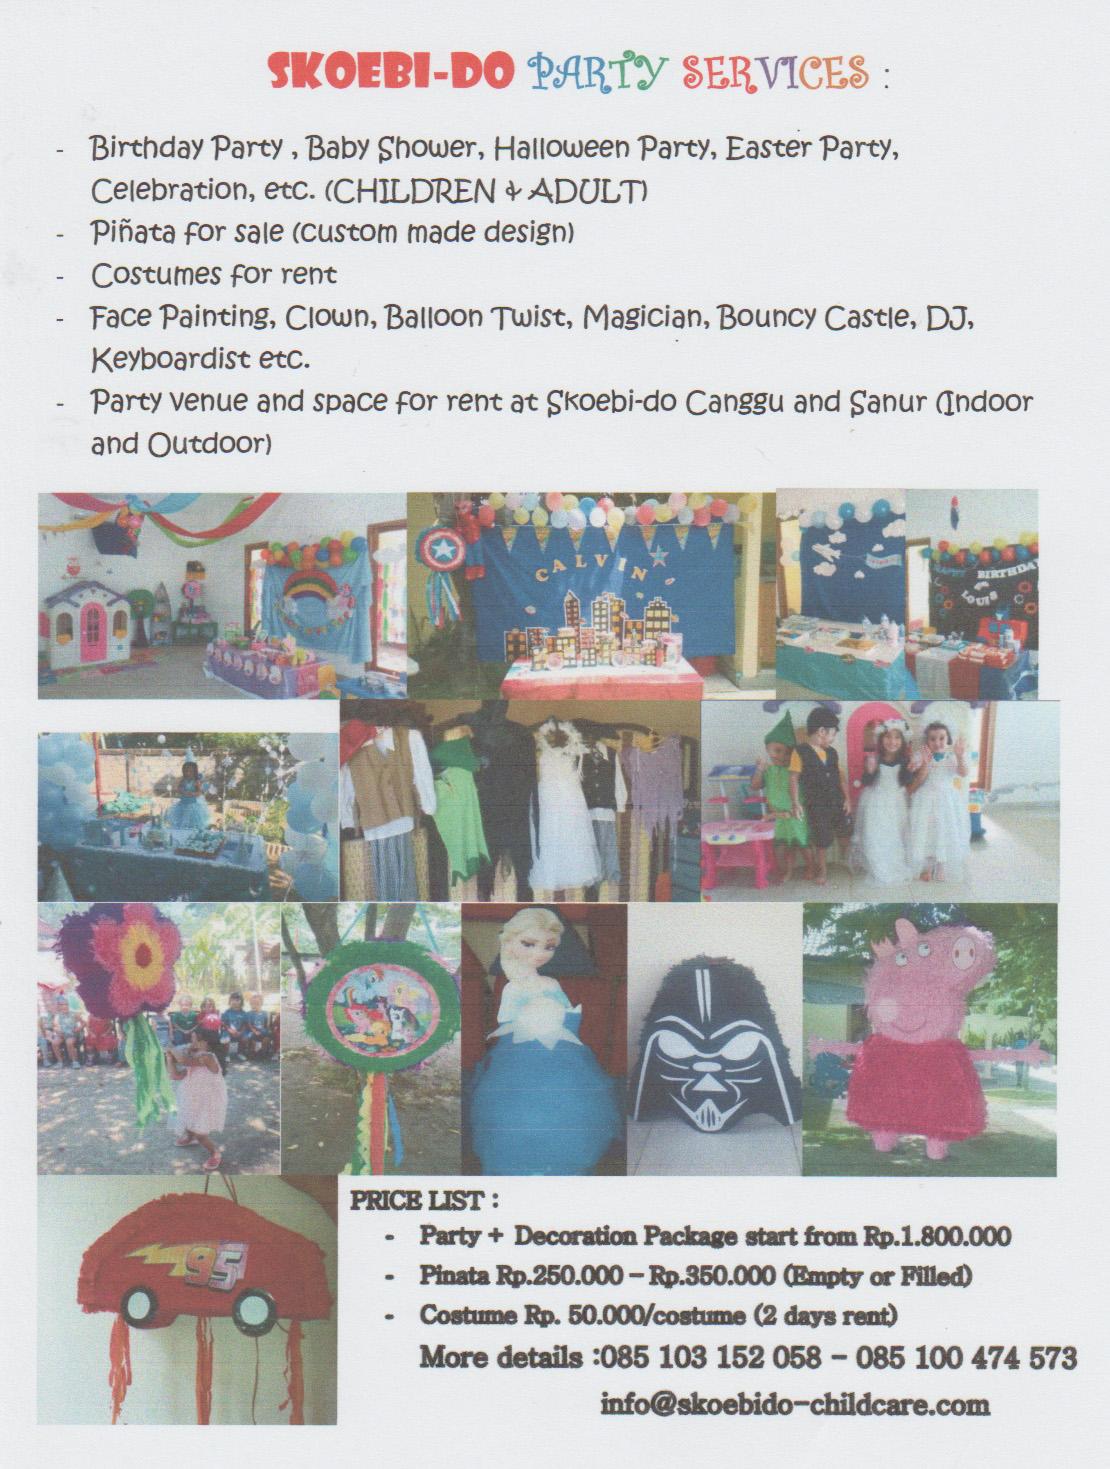 PARTY SERVICE – Skoebi-do Childcare